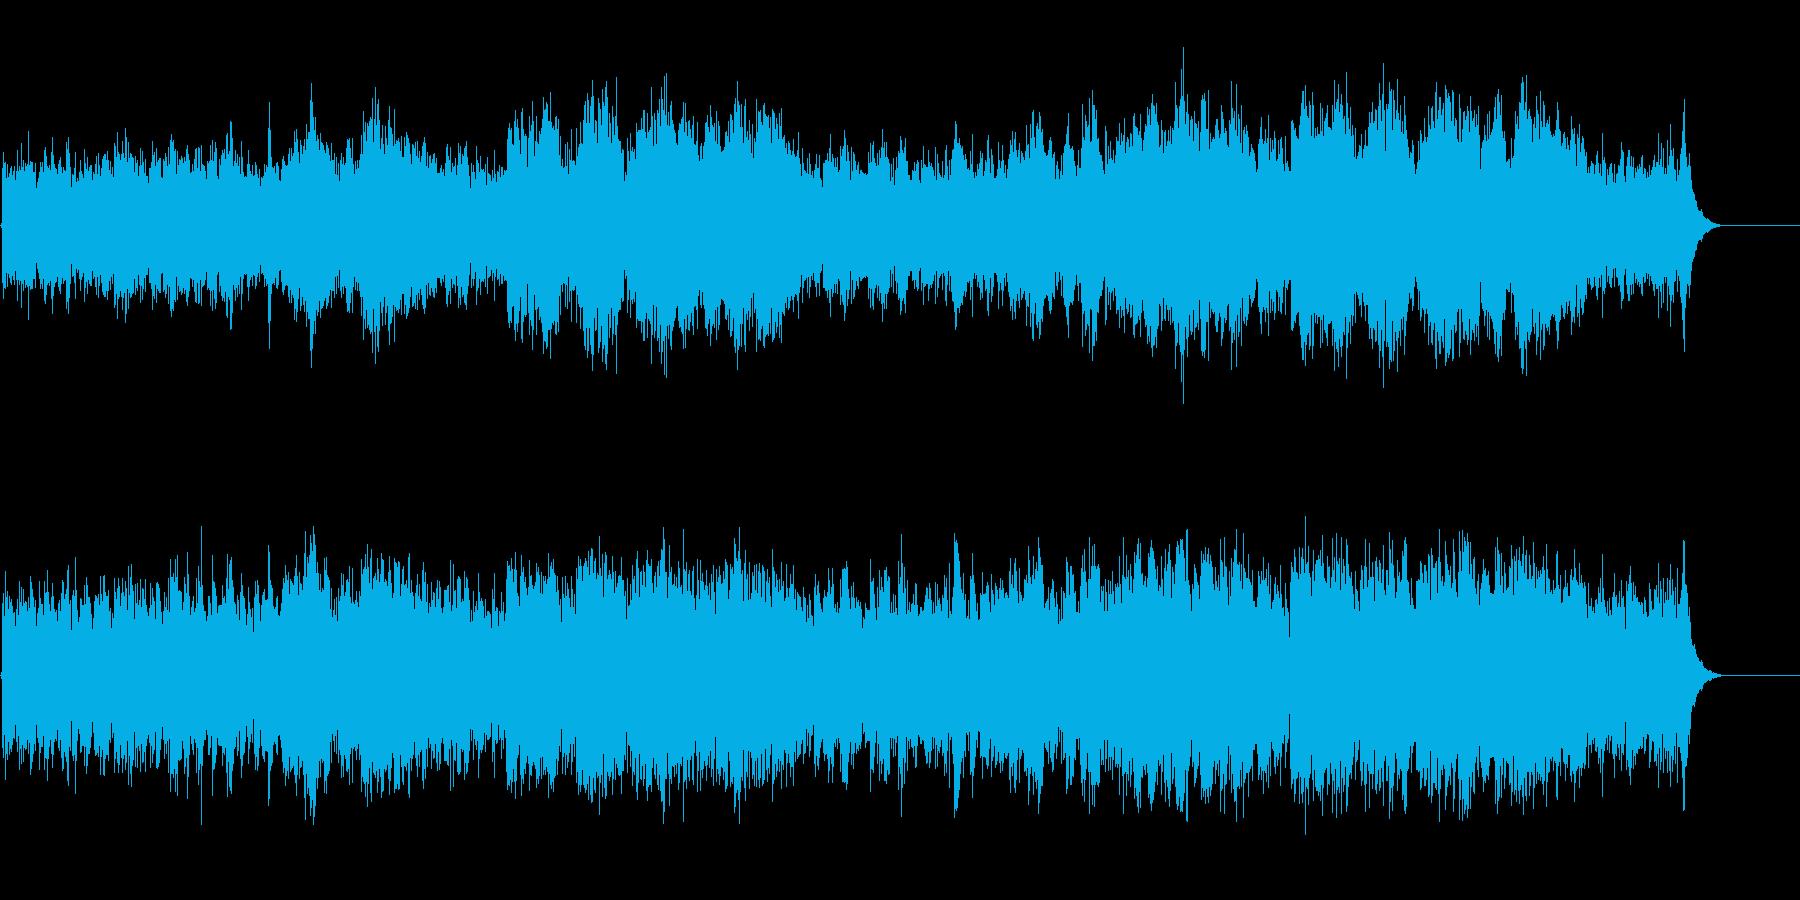 彷徨える哀愁のジプシー・ミュージック風の再生済みの波形